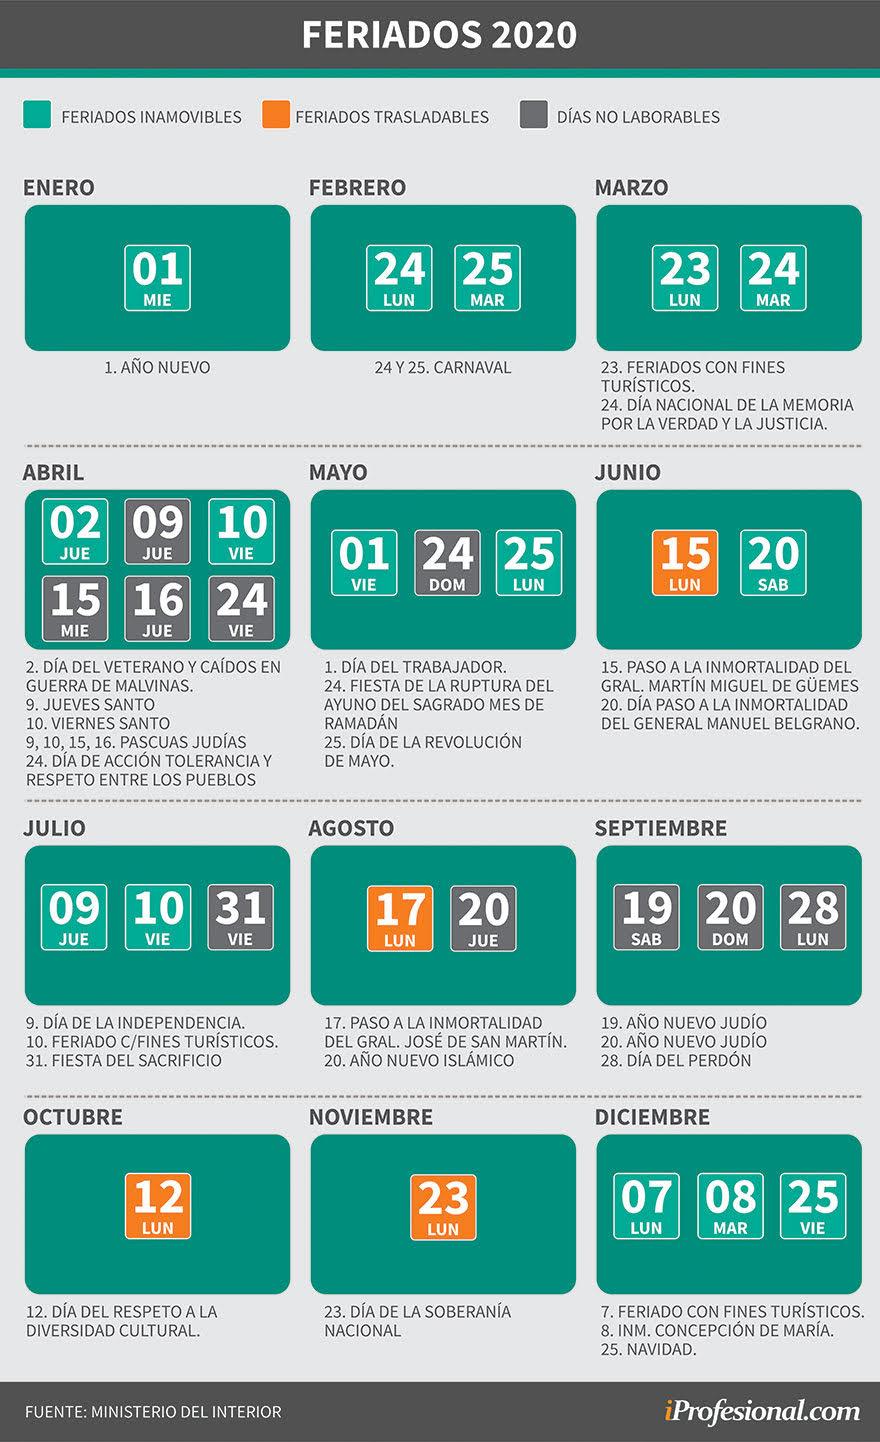 Este es el calendario oficial de feriados y días no laborables del 2020